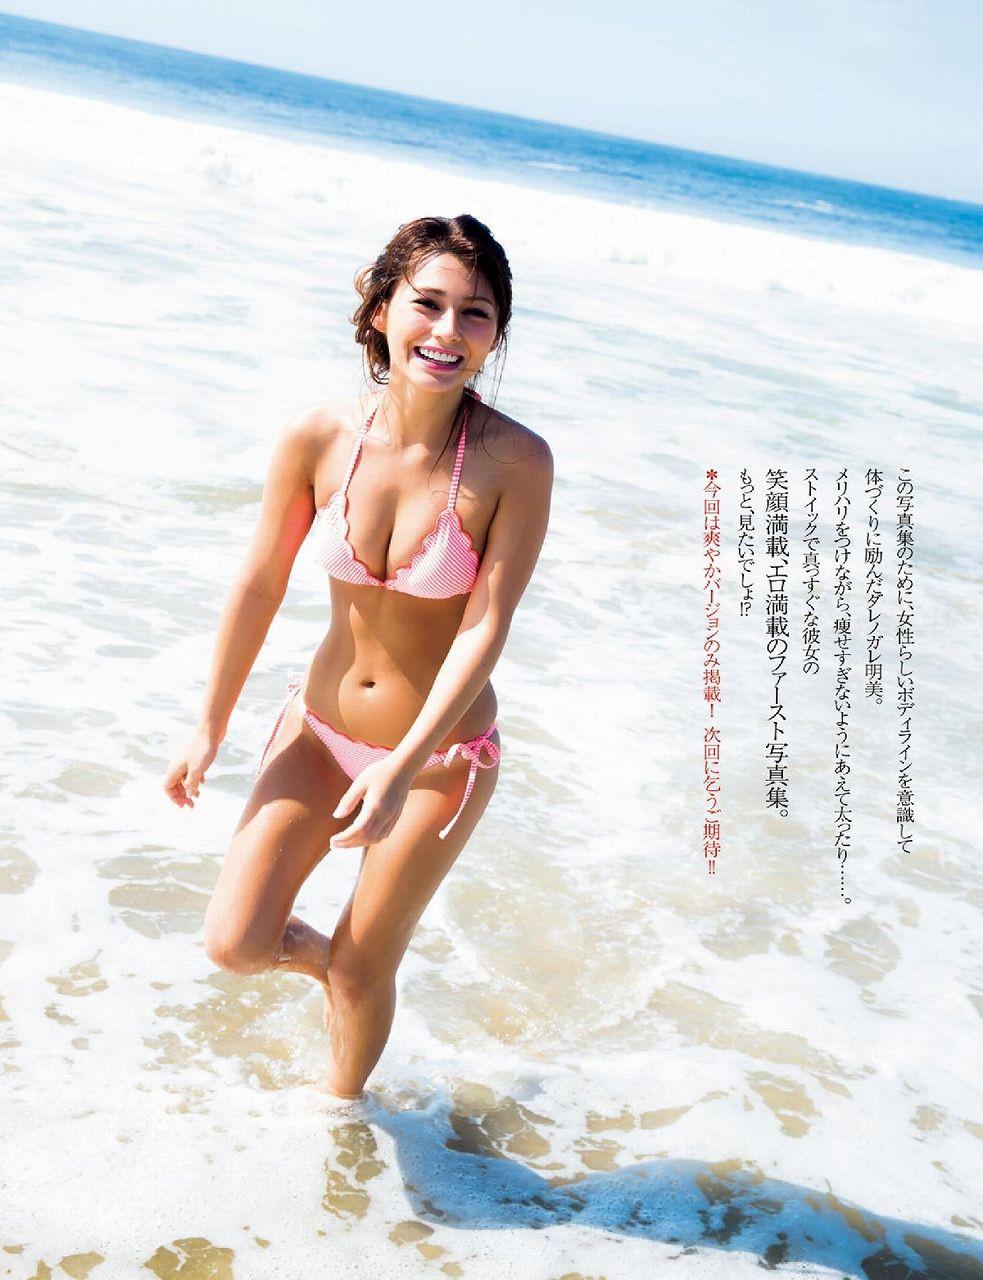 「週刊プレイボーイ 2016 No.1・2」ダレノガレ明美の水着グラビア